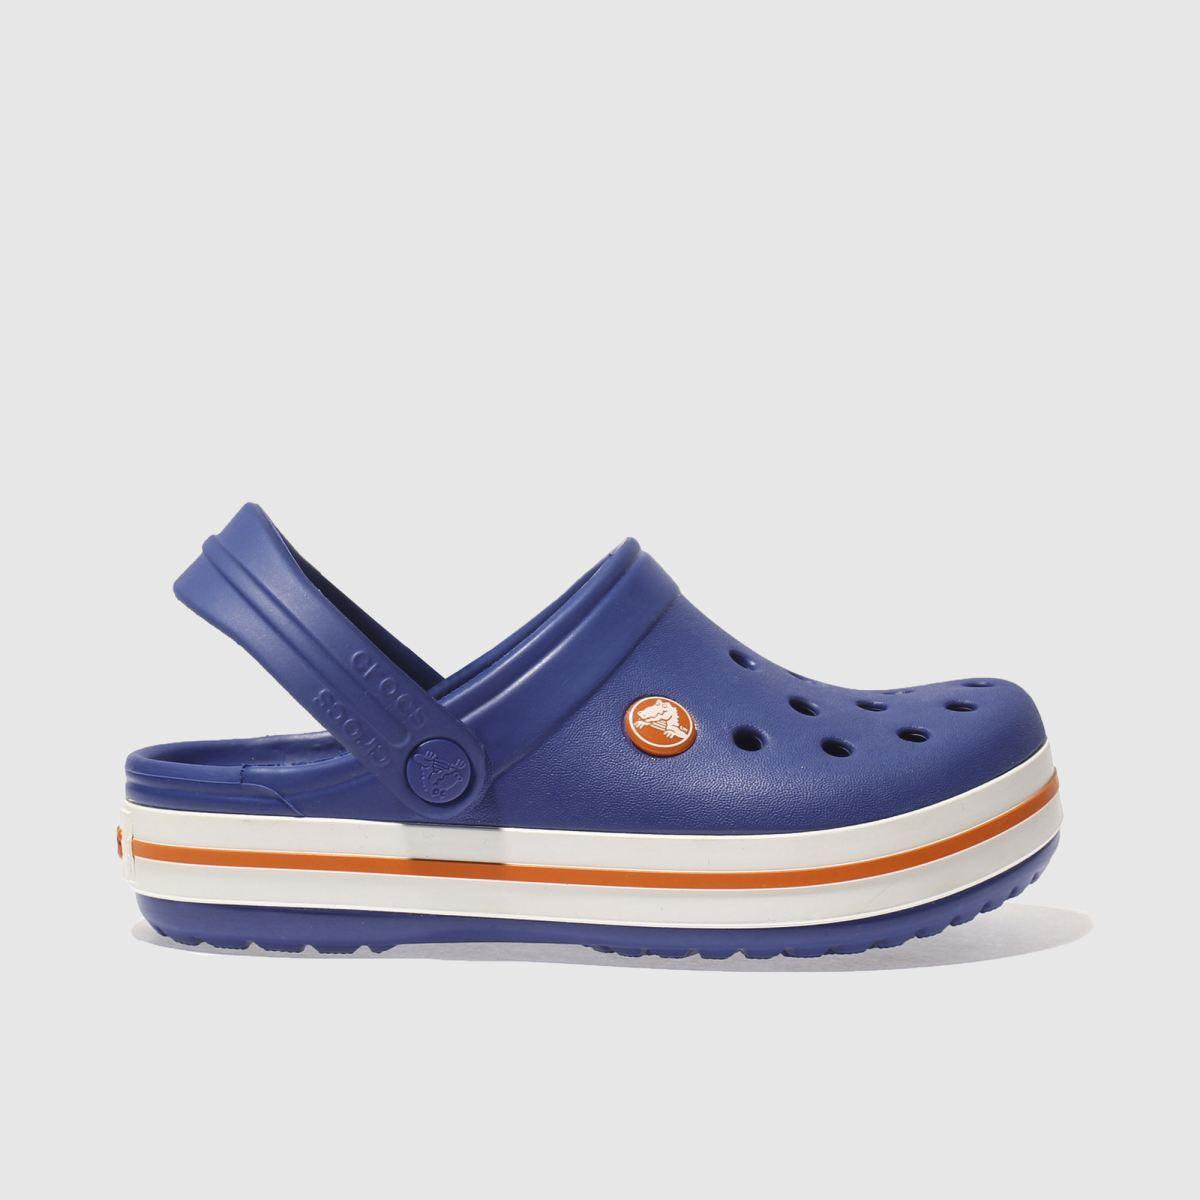 Crocs Crocs Blue Crocband Clog Boys Junior Sandals